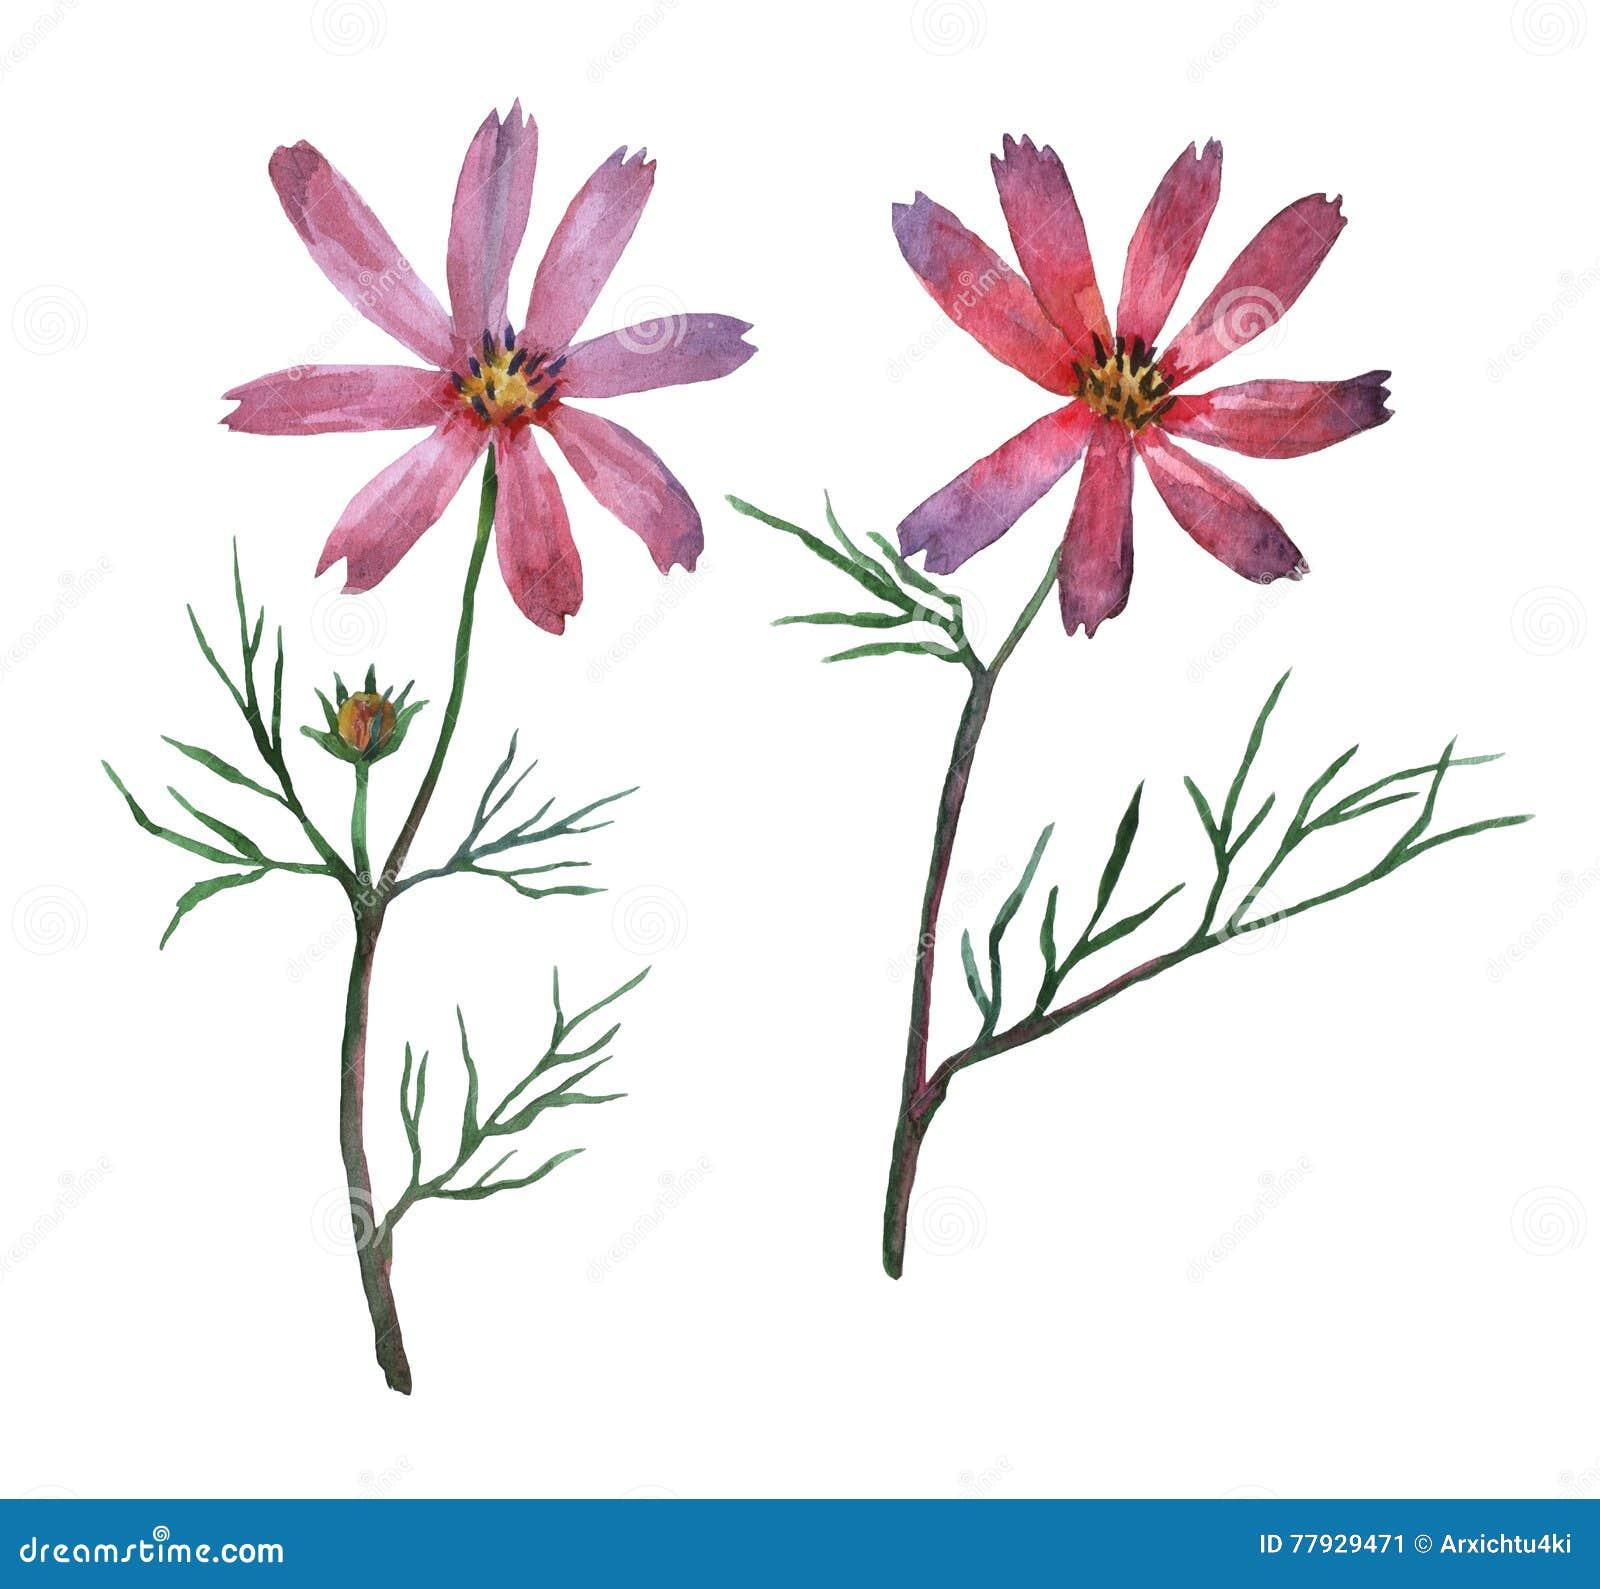 Roze Kosmosbipinnatus, algemeen genoemd de tuinkosmos of de Mexicaanse aster